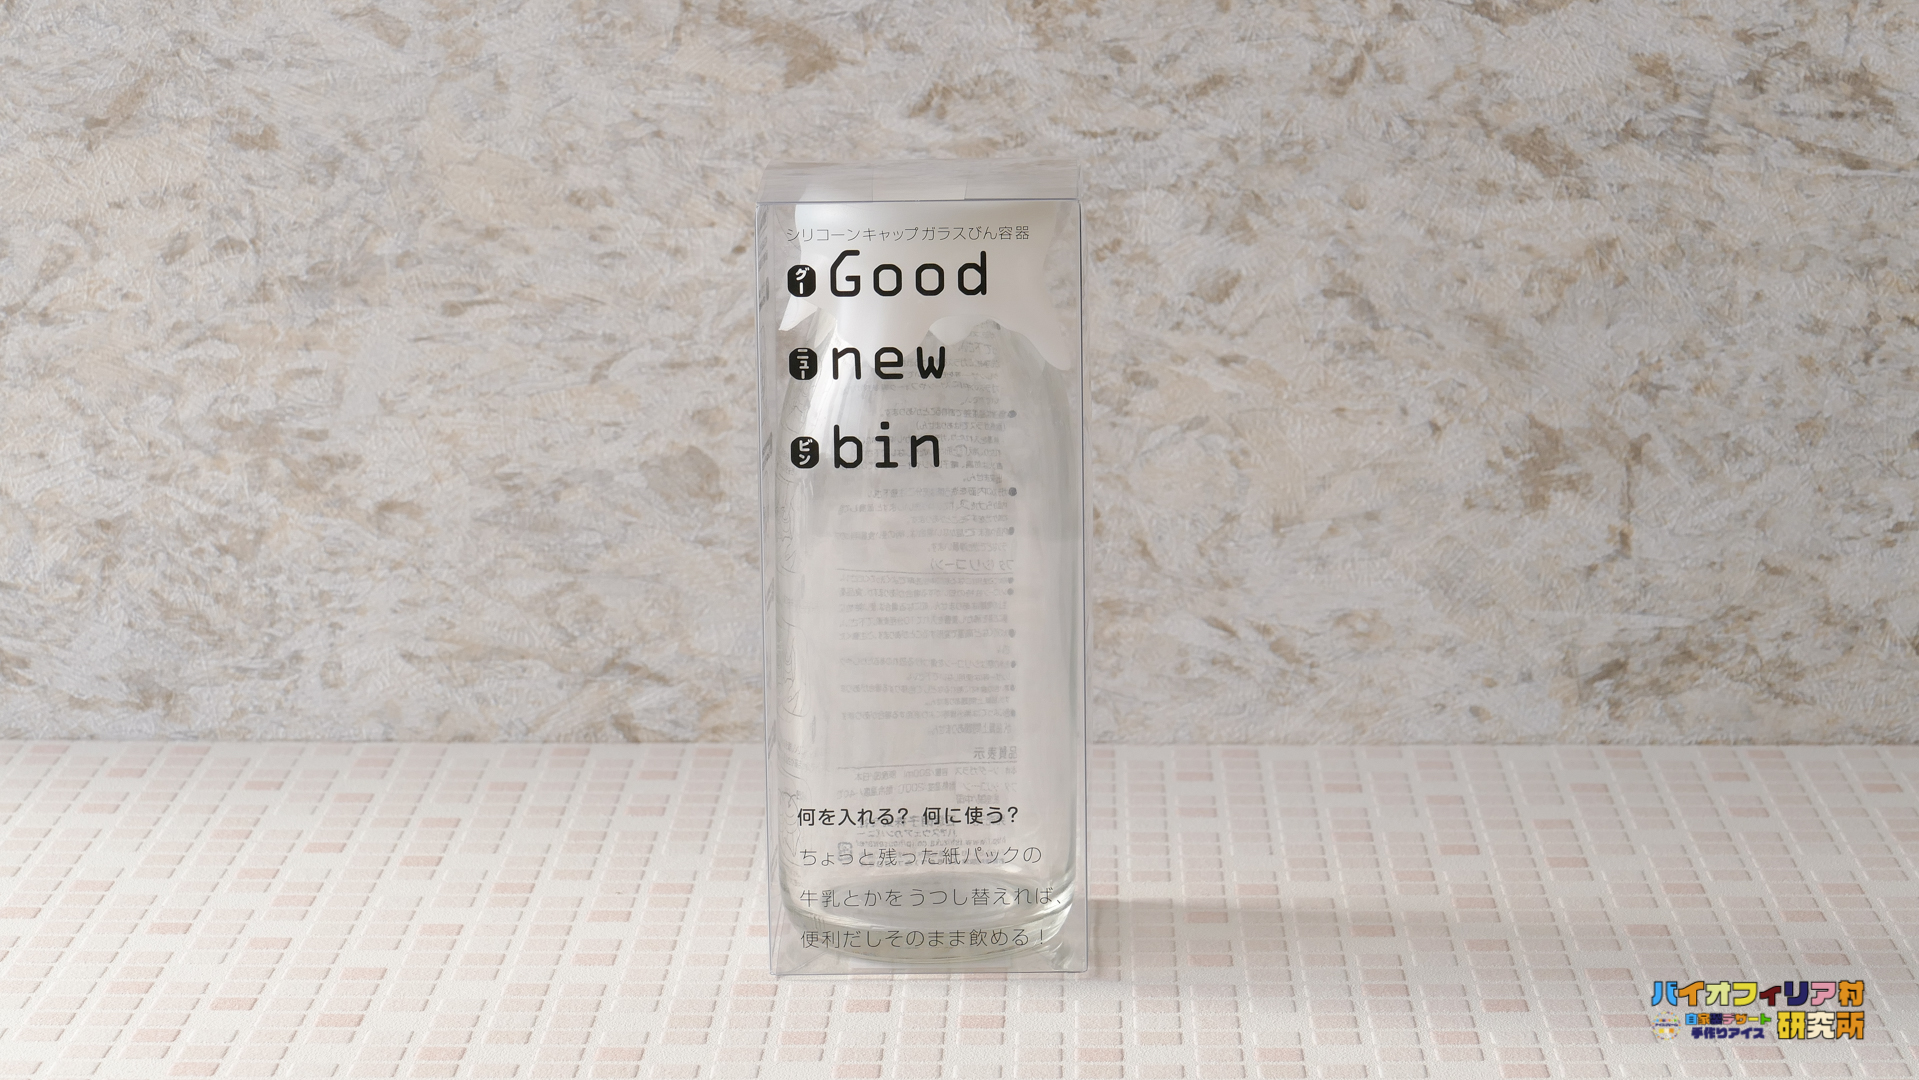 『アデリア ガラス 保存瓶 ホワイト 209ml グーニュービン M-6541』の商品画像です。